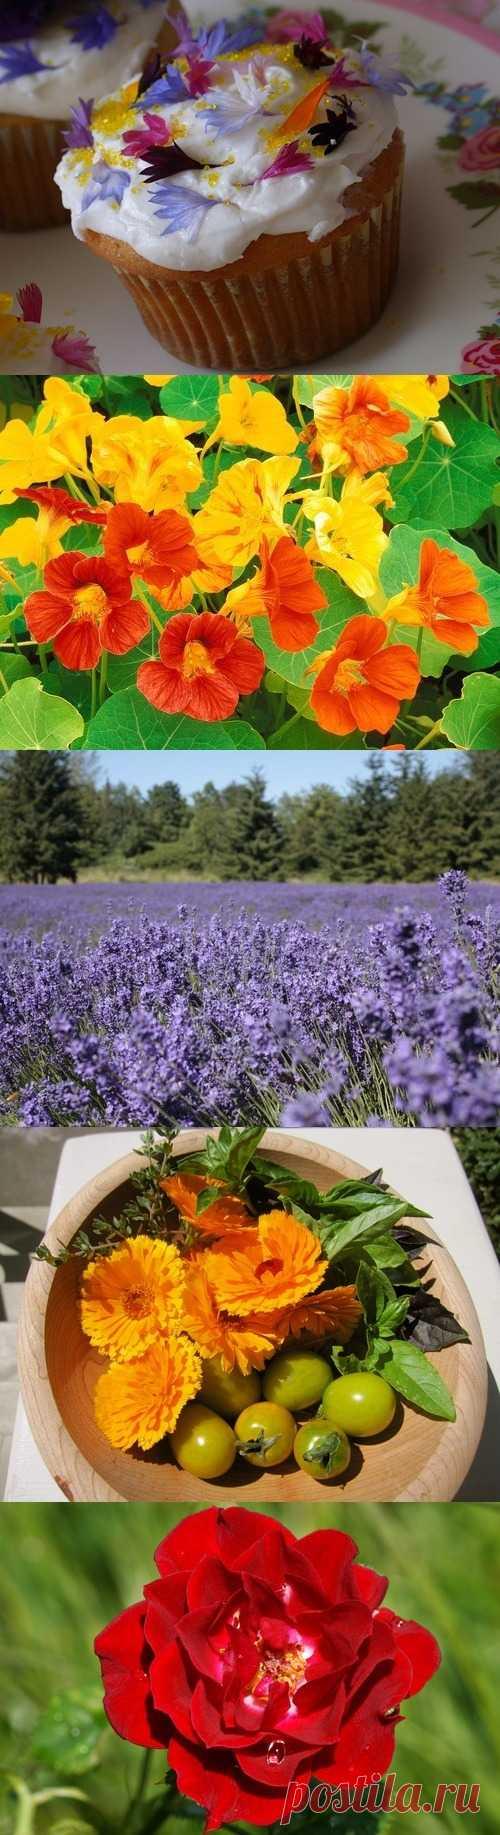 Цветочная кулинария - какие цветы можно использовать при приготовлении различных блюд